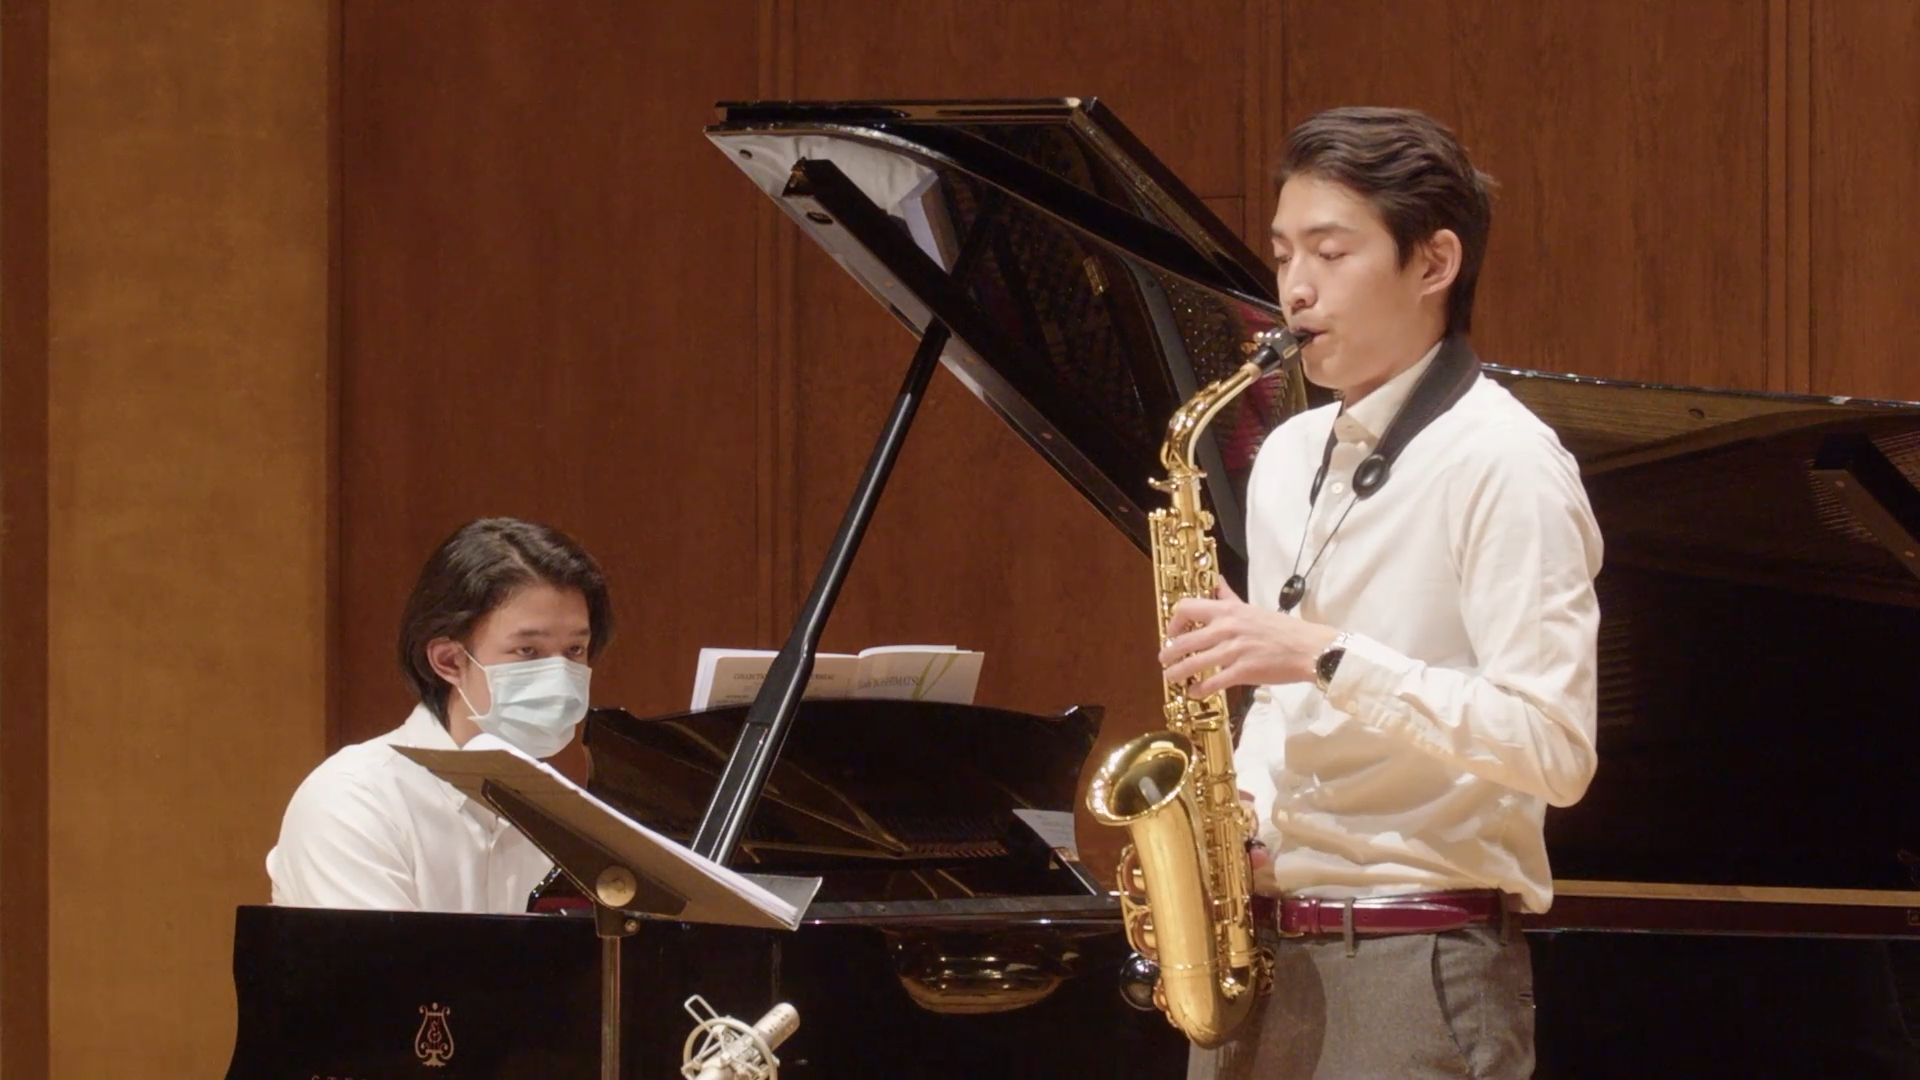 Alan Huang playing saxophone